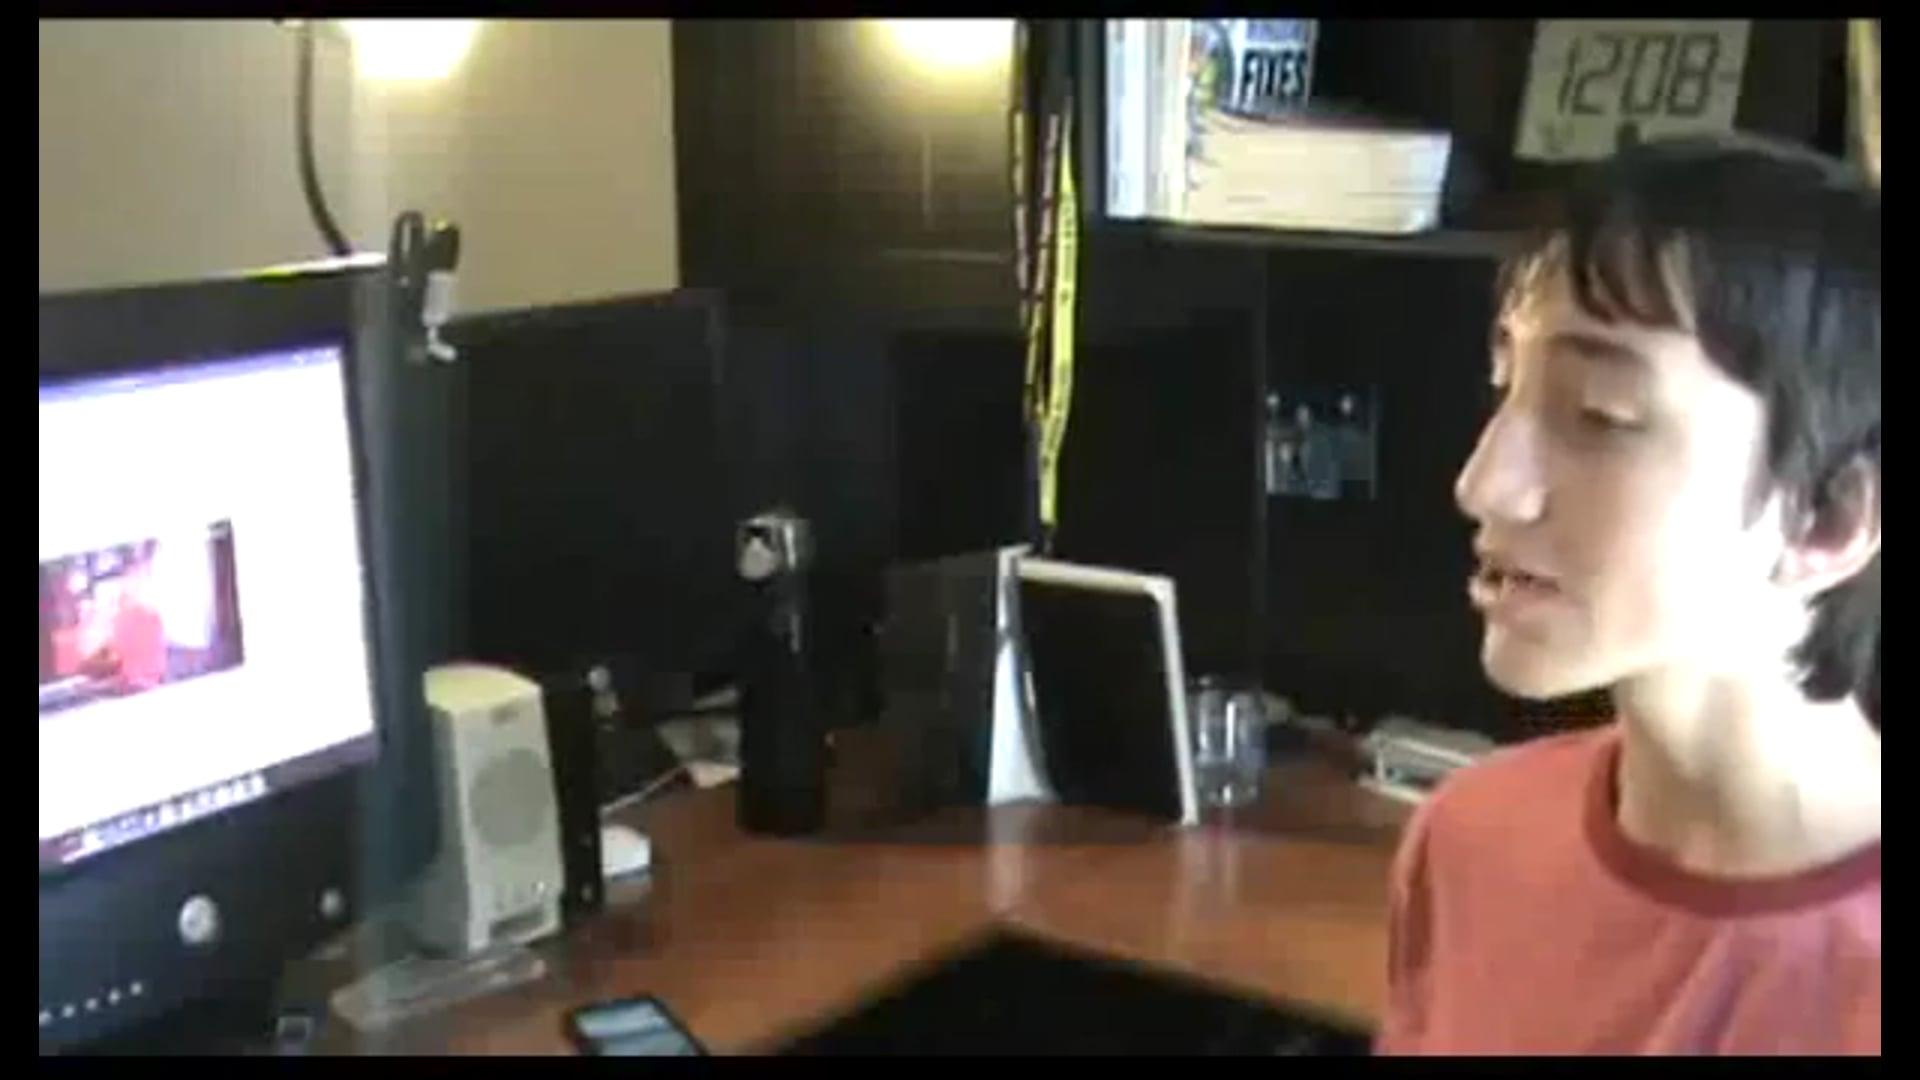 Channel Update 2 Recap - October 2012